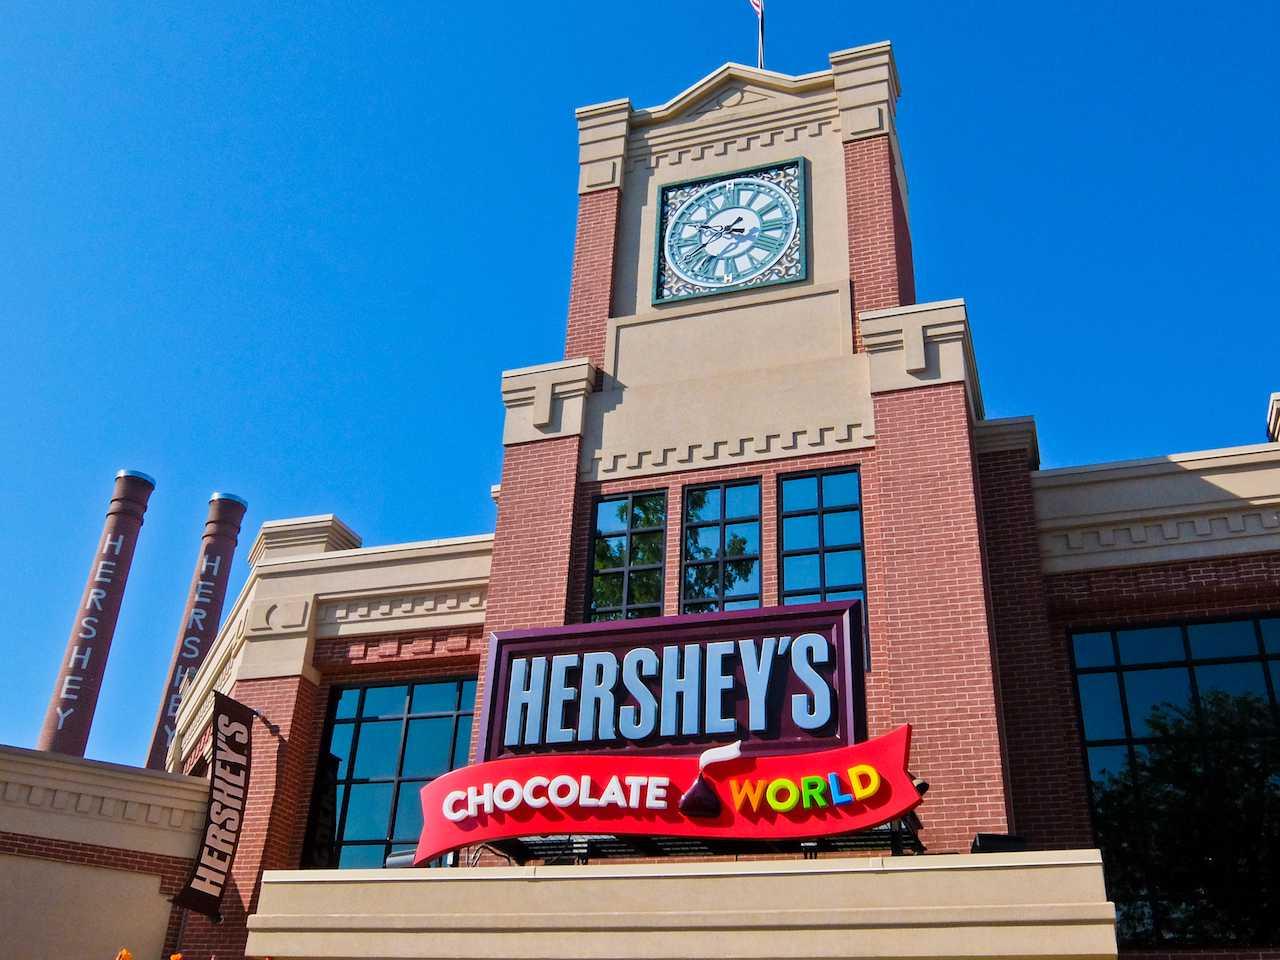 Chocolate World, Hershey (PA)